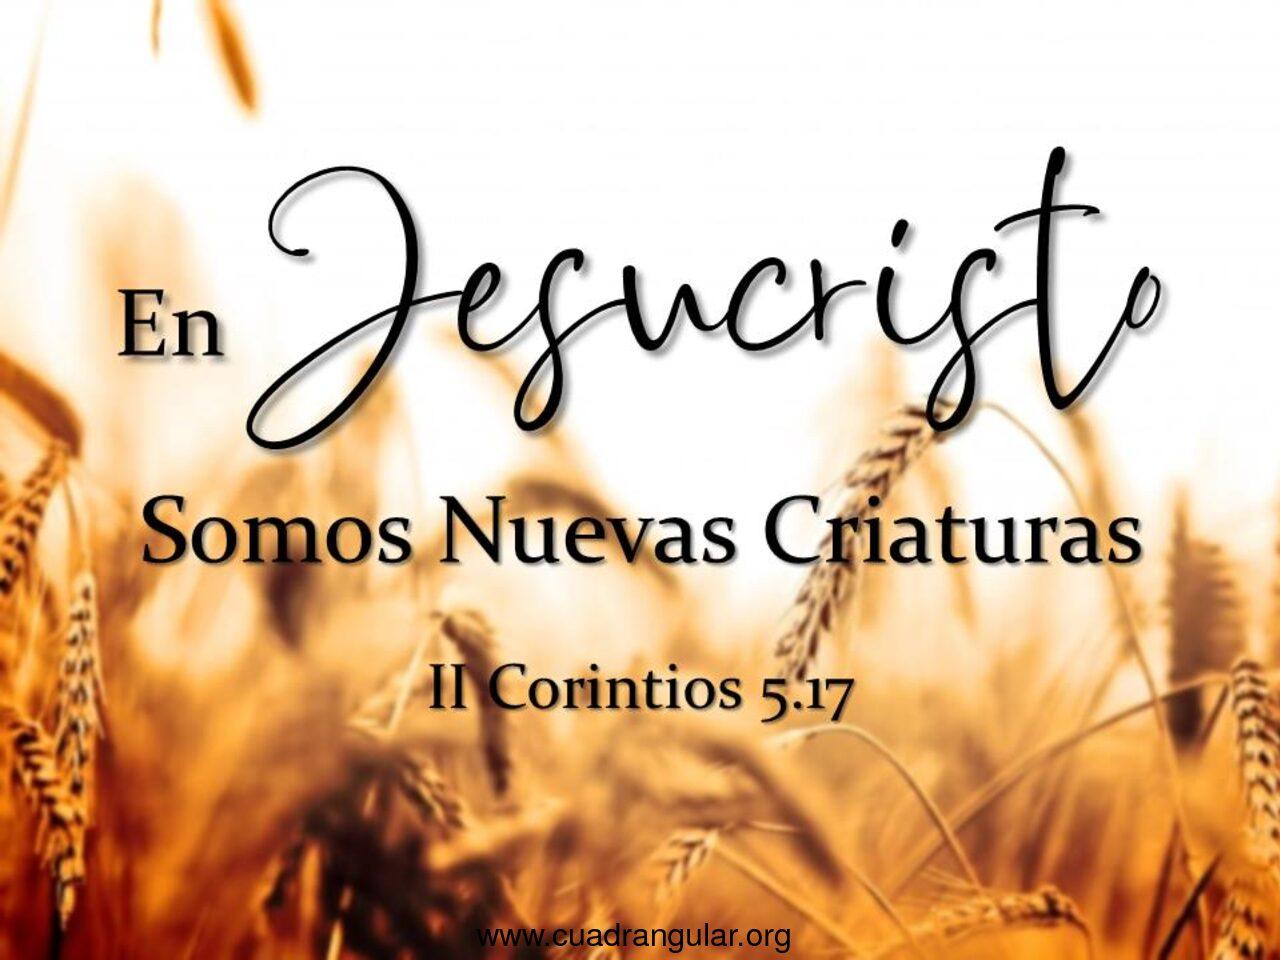 En Jesucristo Somos Nuevas Criaturas